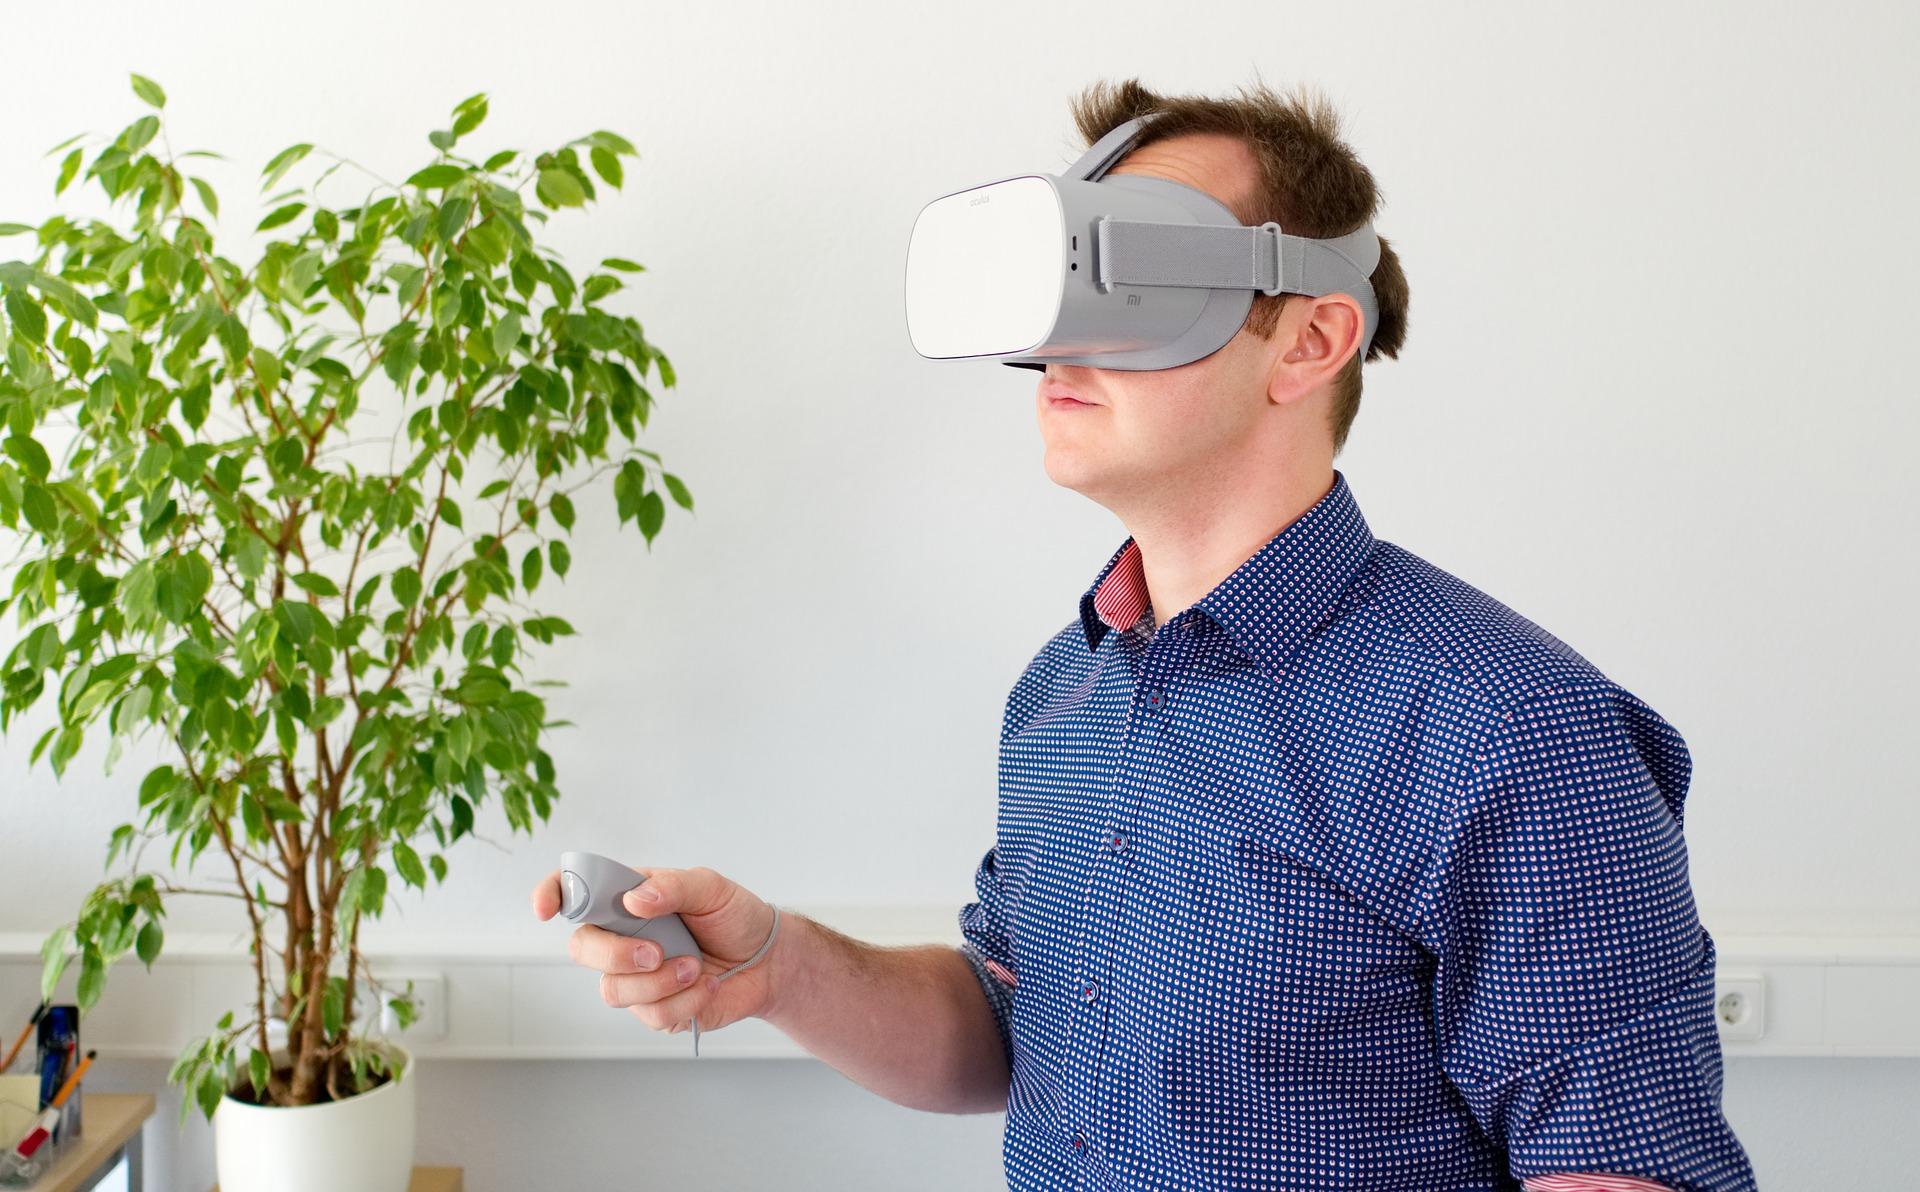 VRはOculus Goでいい?購入前に性能・仕様・価格などを確認